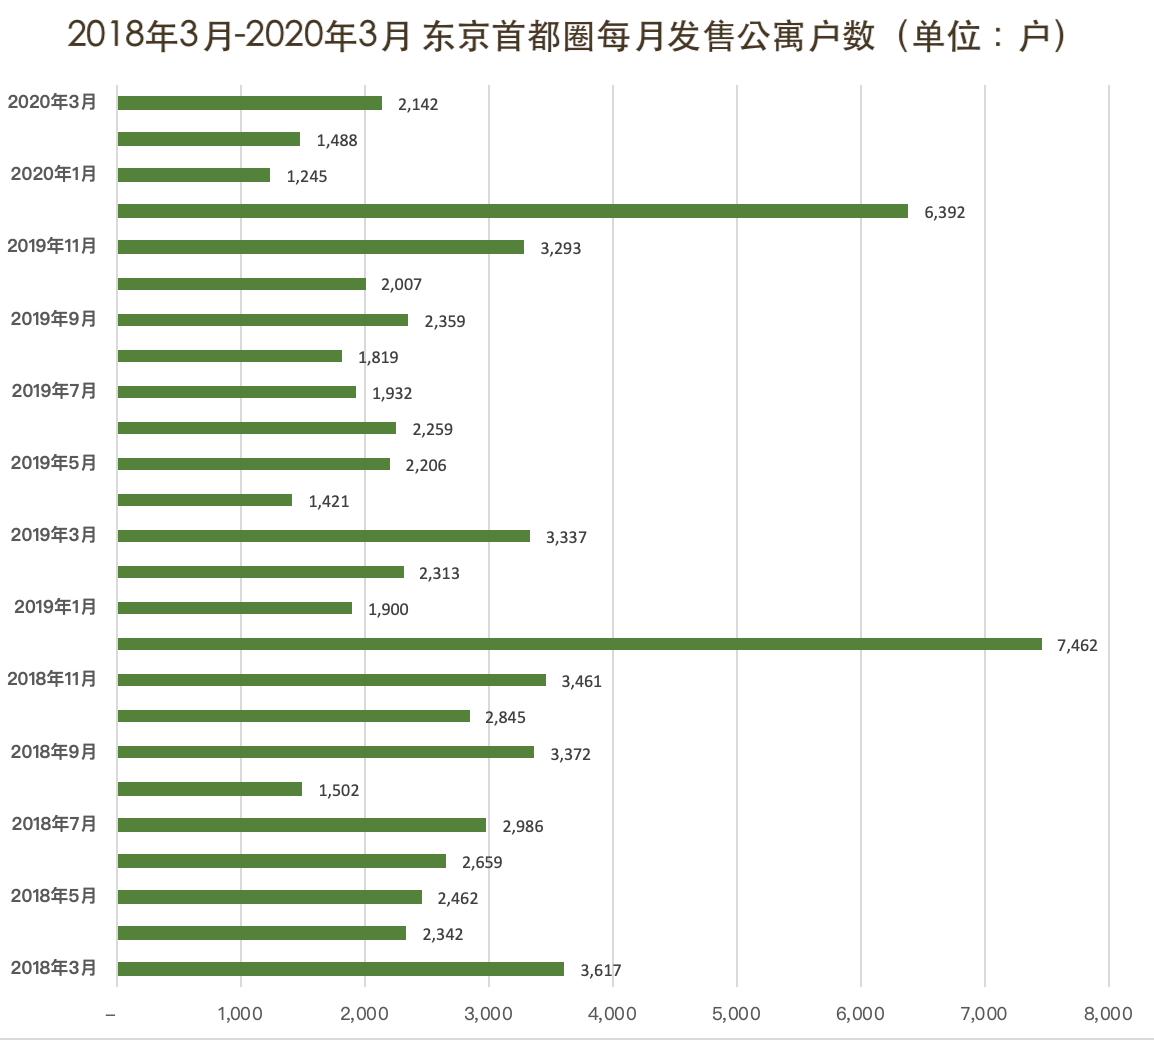 2018年3月-2020年3月-東京首都圈每月發售公寓戶數